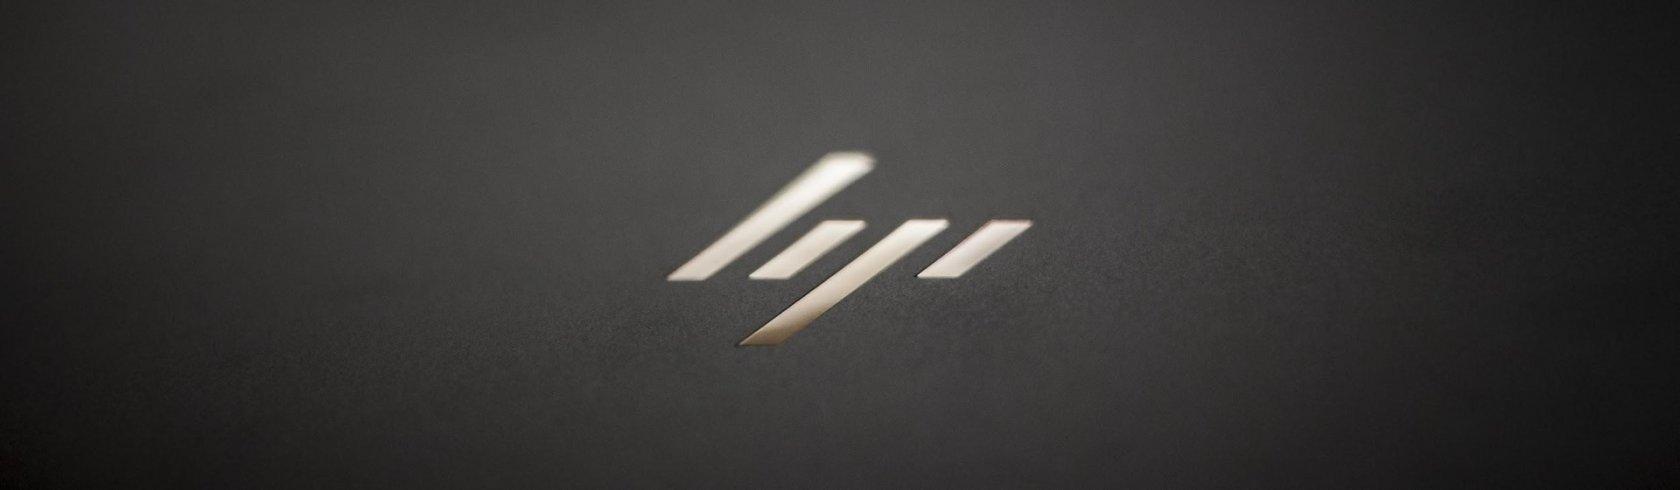 Технологии и дизайн в одном устройстве. Ноутбук HP Spectre 13 - 32